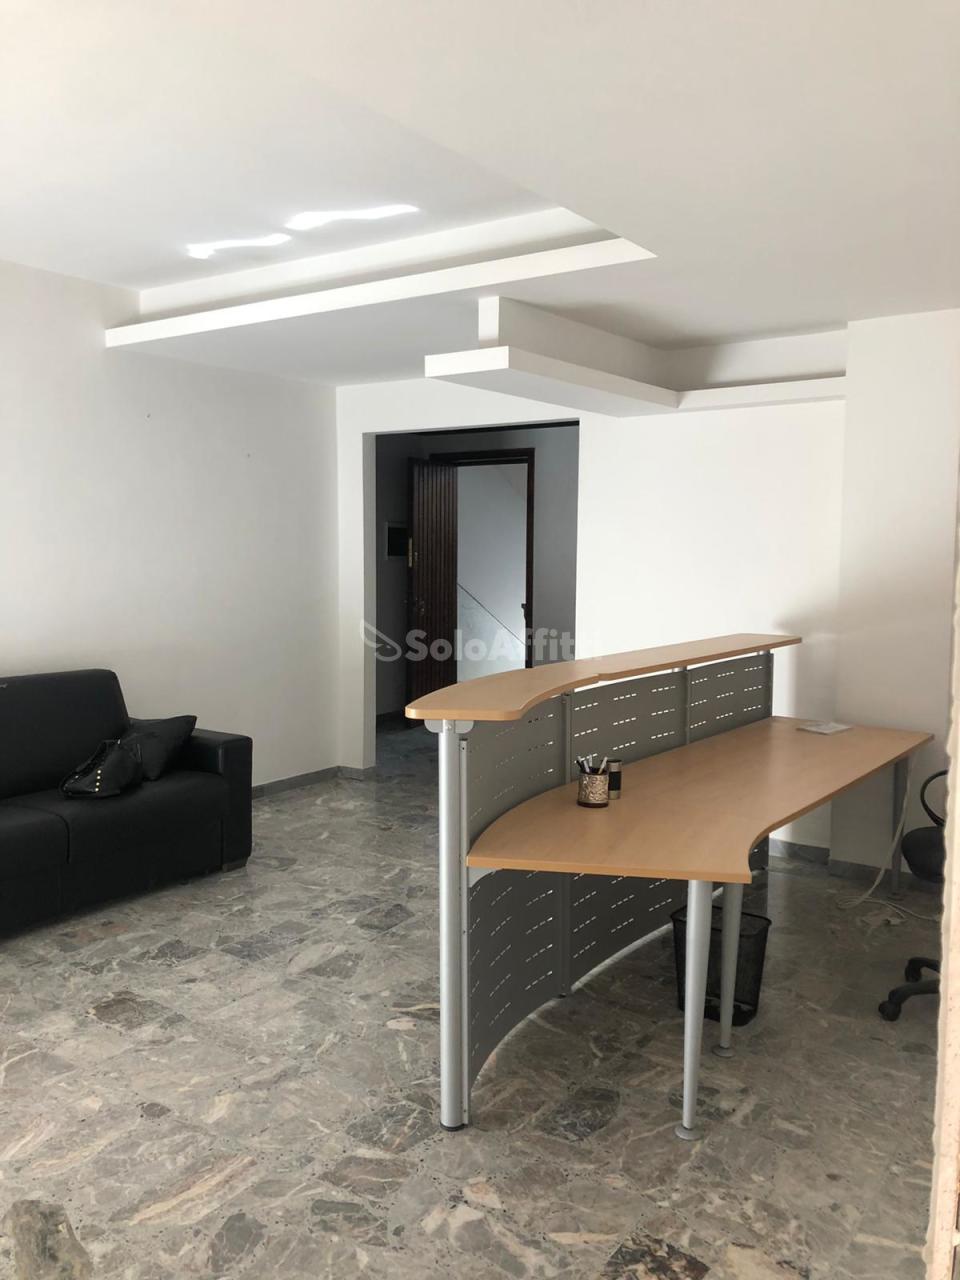 Ufficio - 4 locali a Piazza Salotto, Pescara Rif. 11275068